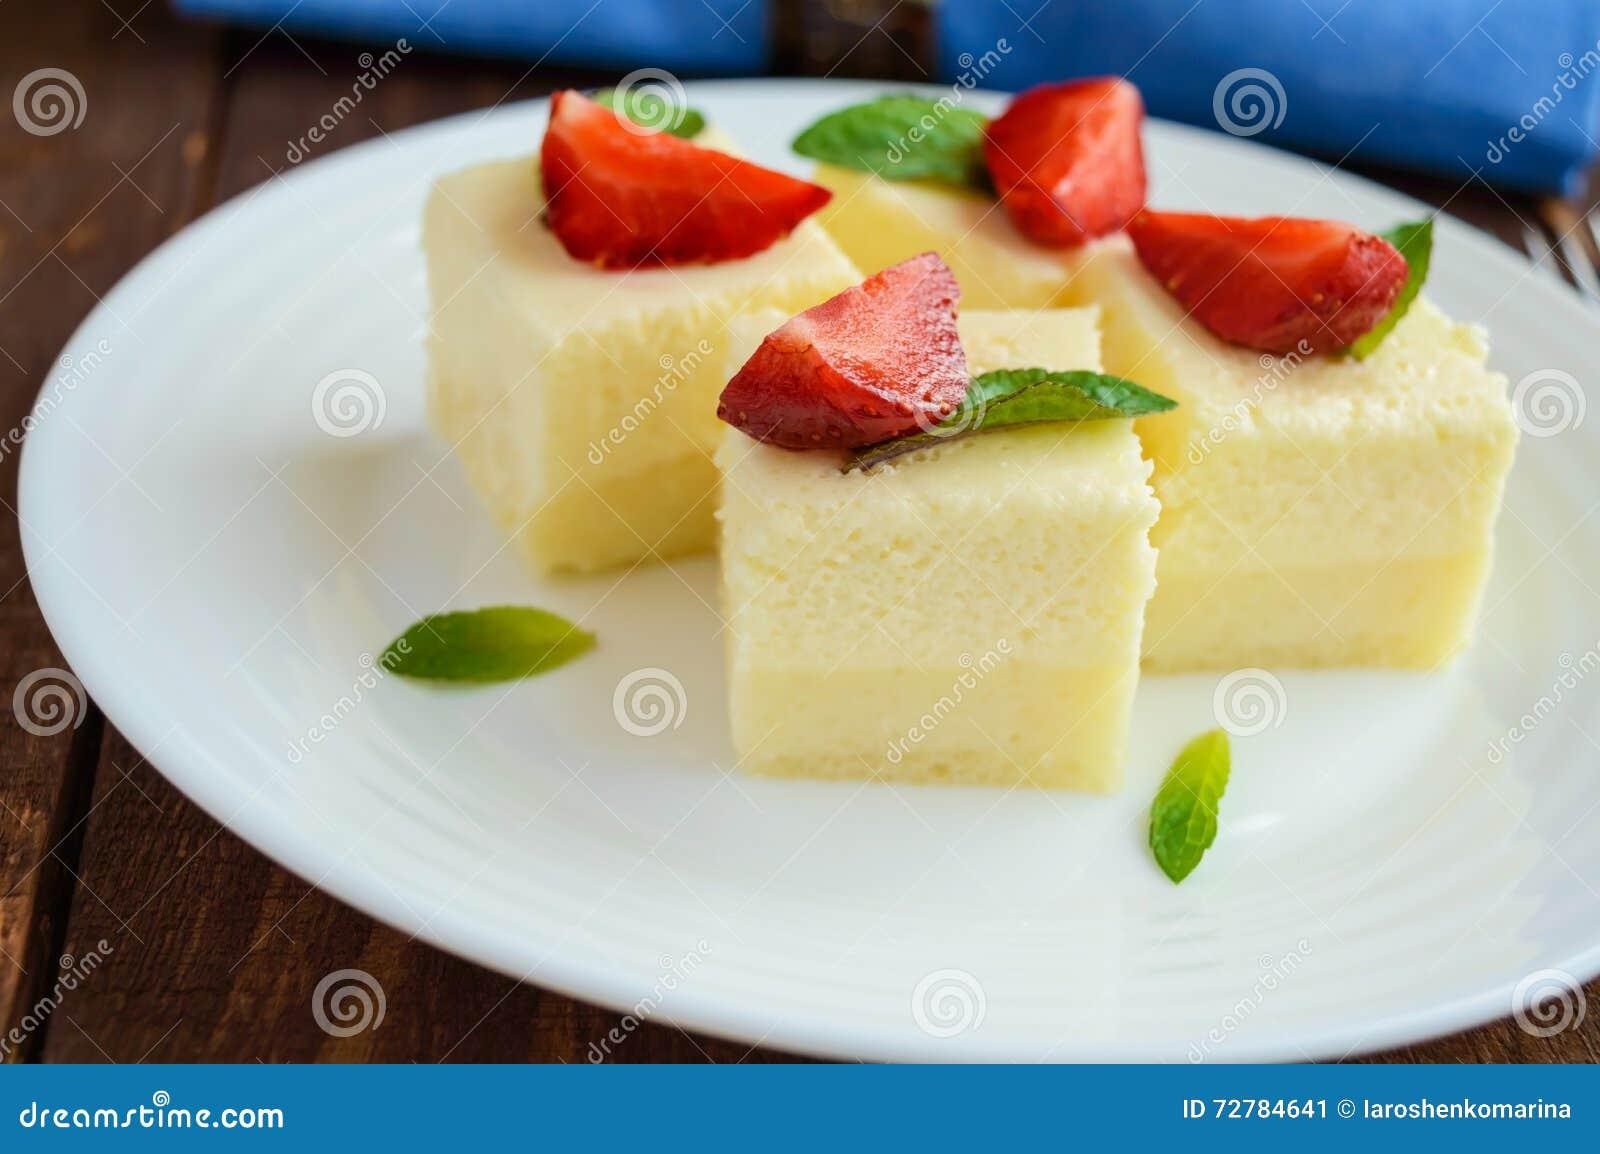 Fromage blanc sensible et soufflé crémeux sous forme de cubes, décorant des feuilles en bon état et des fraises fraîches